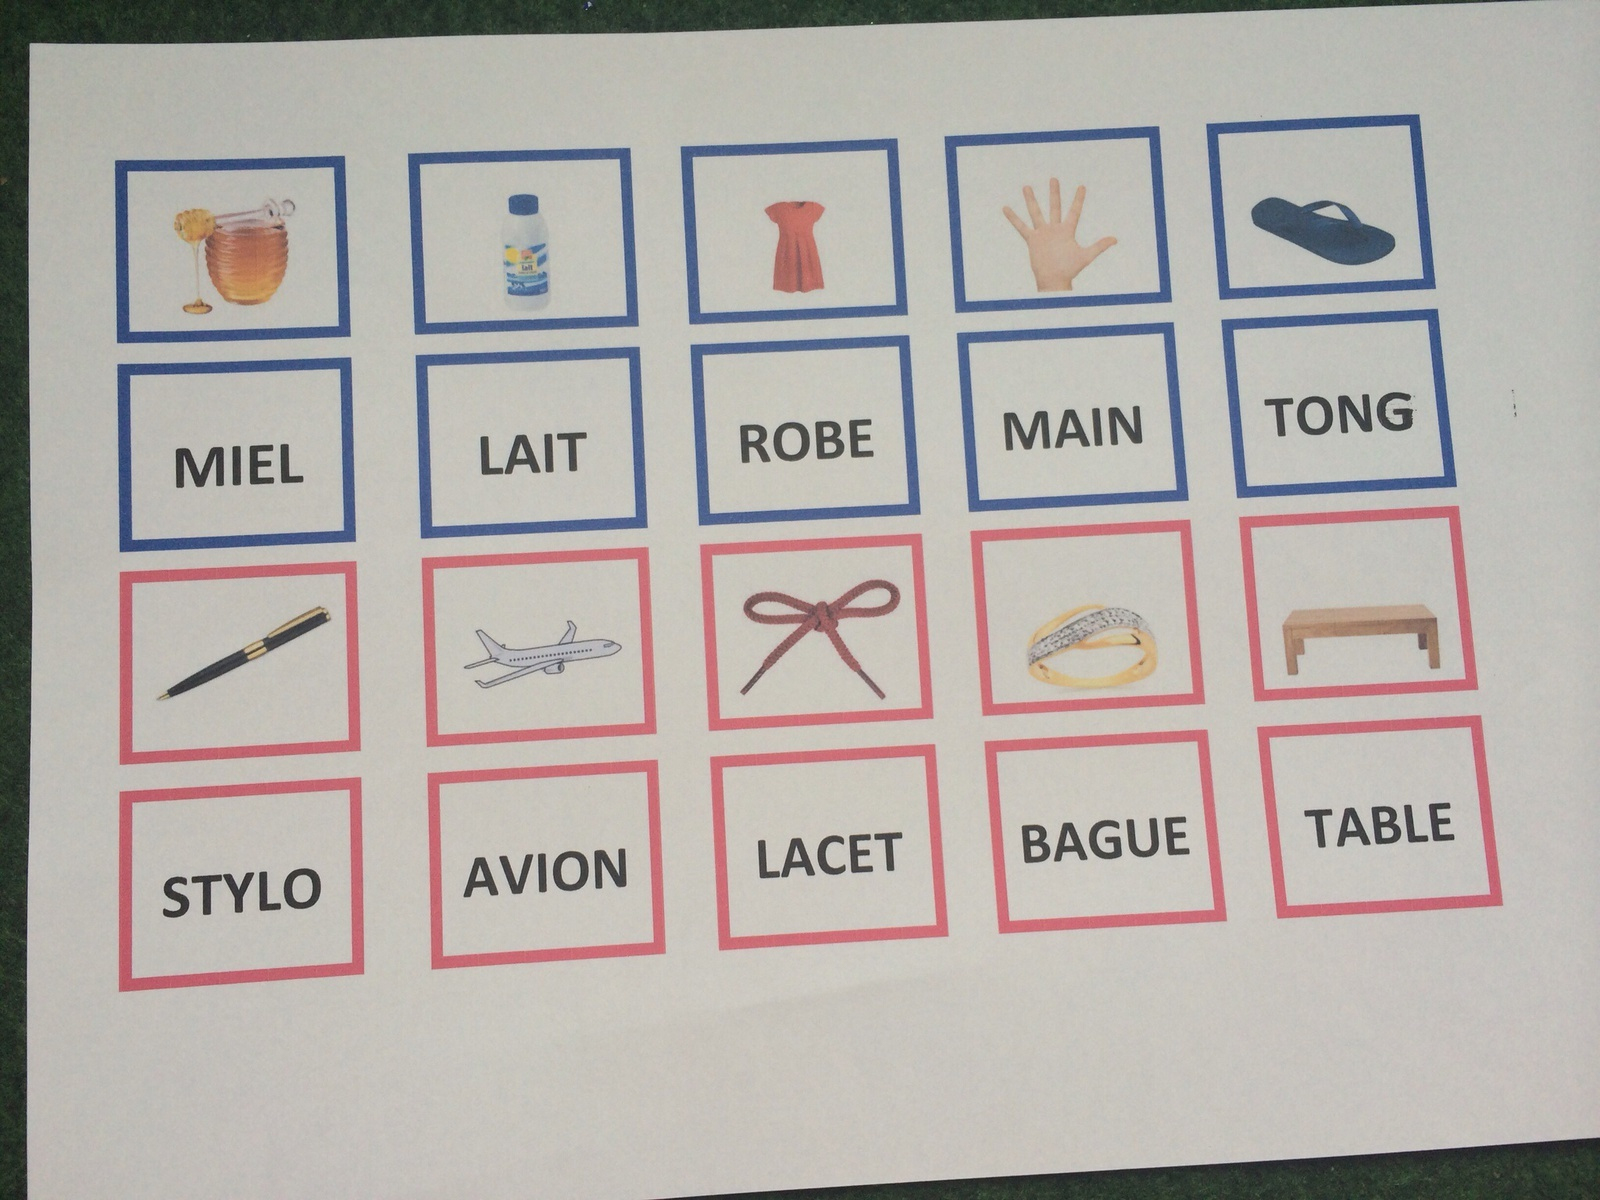 Apprendre L'alphabet, Lire Et Écrire - Apprends Moi Ummi tout Apprendre À Écrire L Alphabet En Maternelle